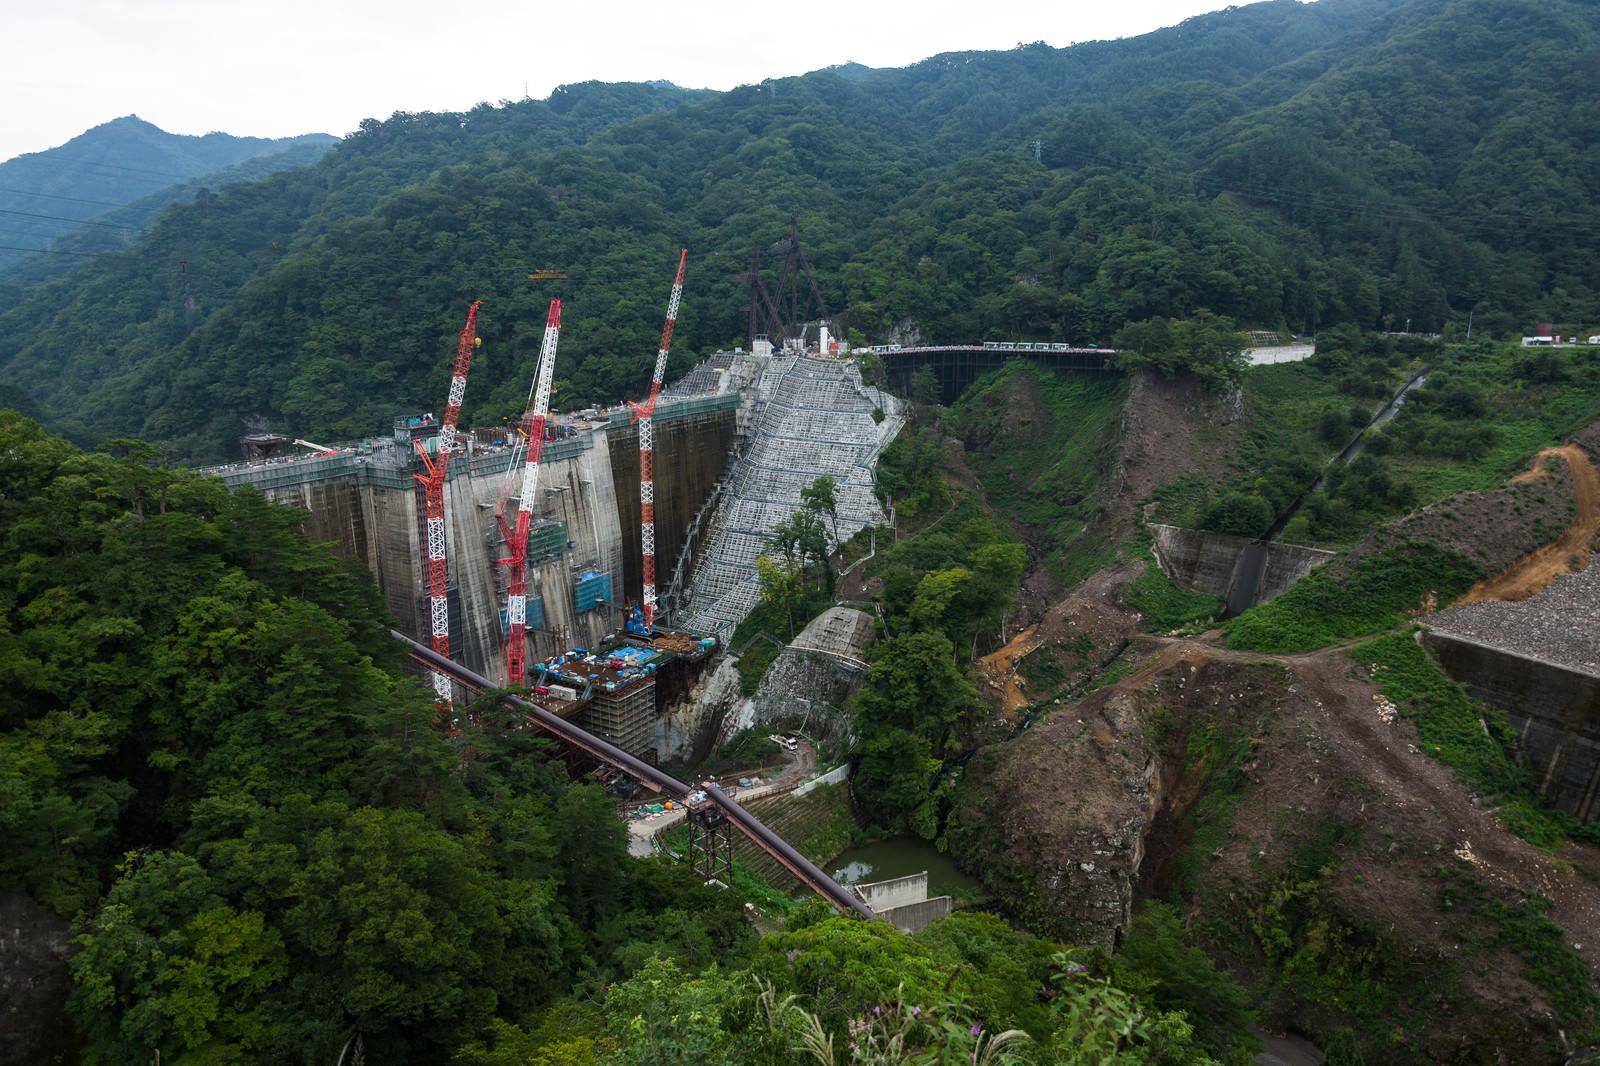 「建設工事中の八ッ場ダムの様子」の写真